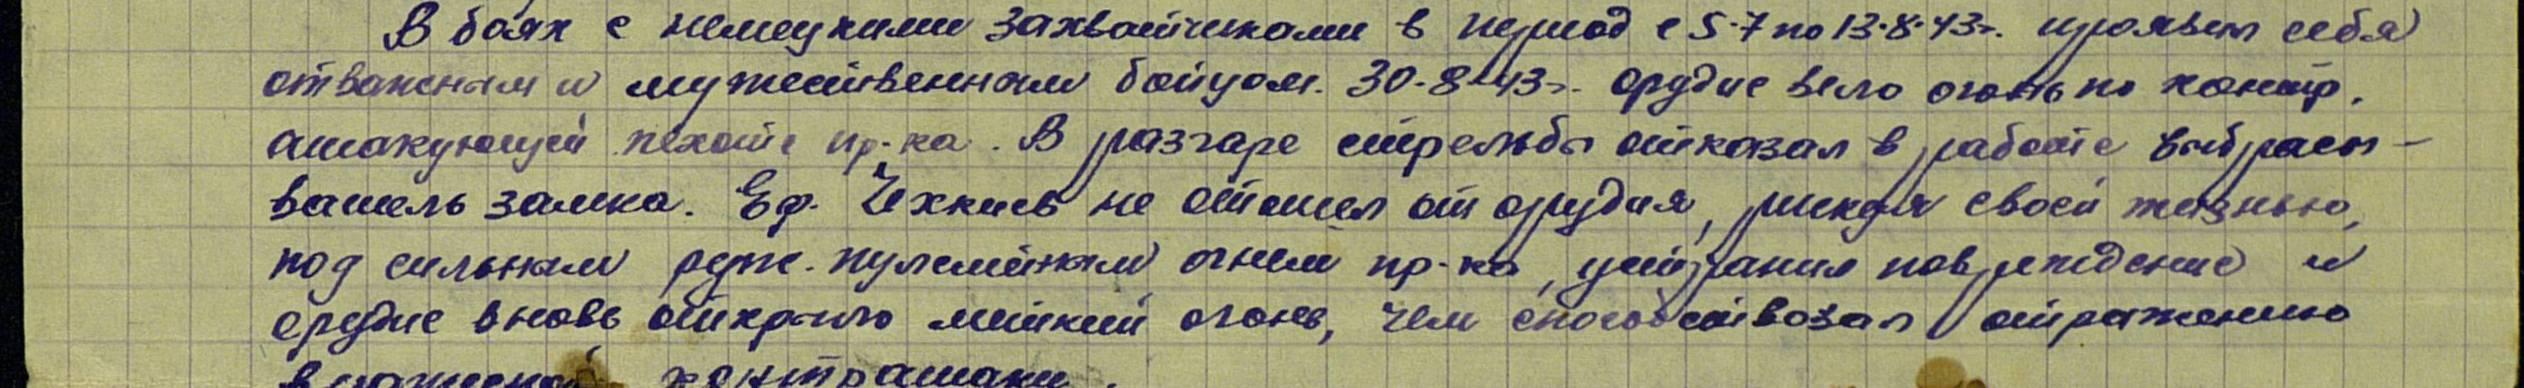 http://s0.uploads.ru/haEsc.jpg